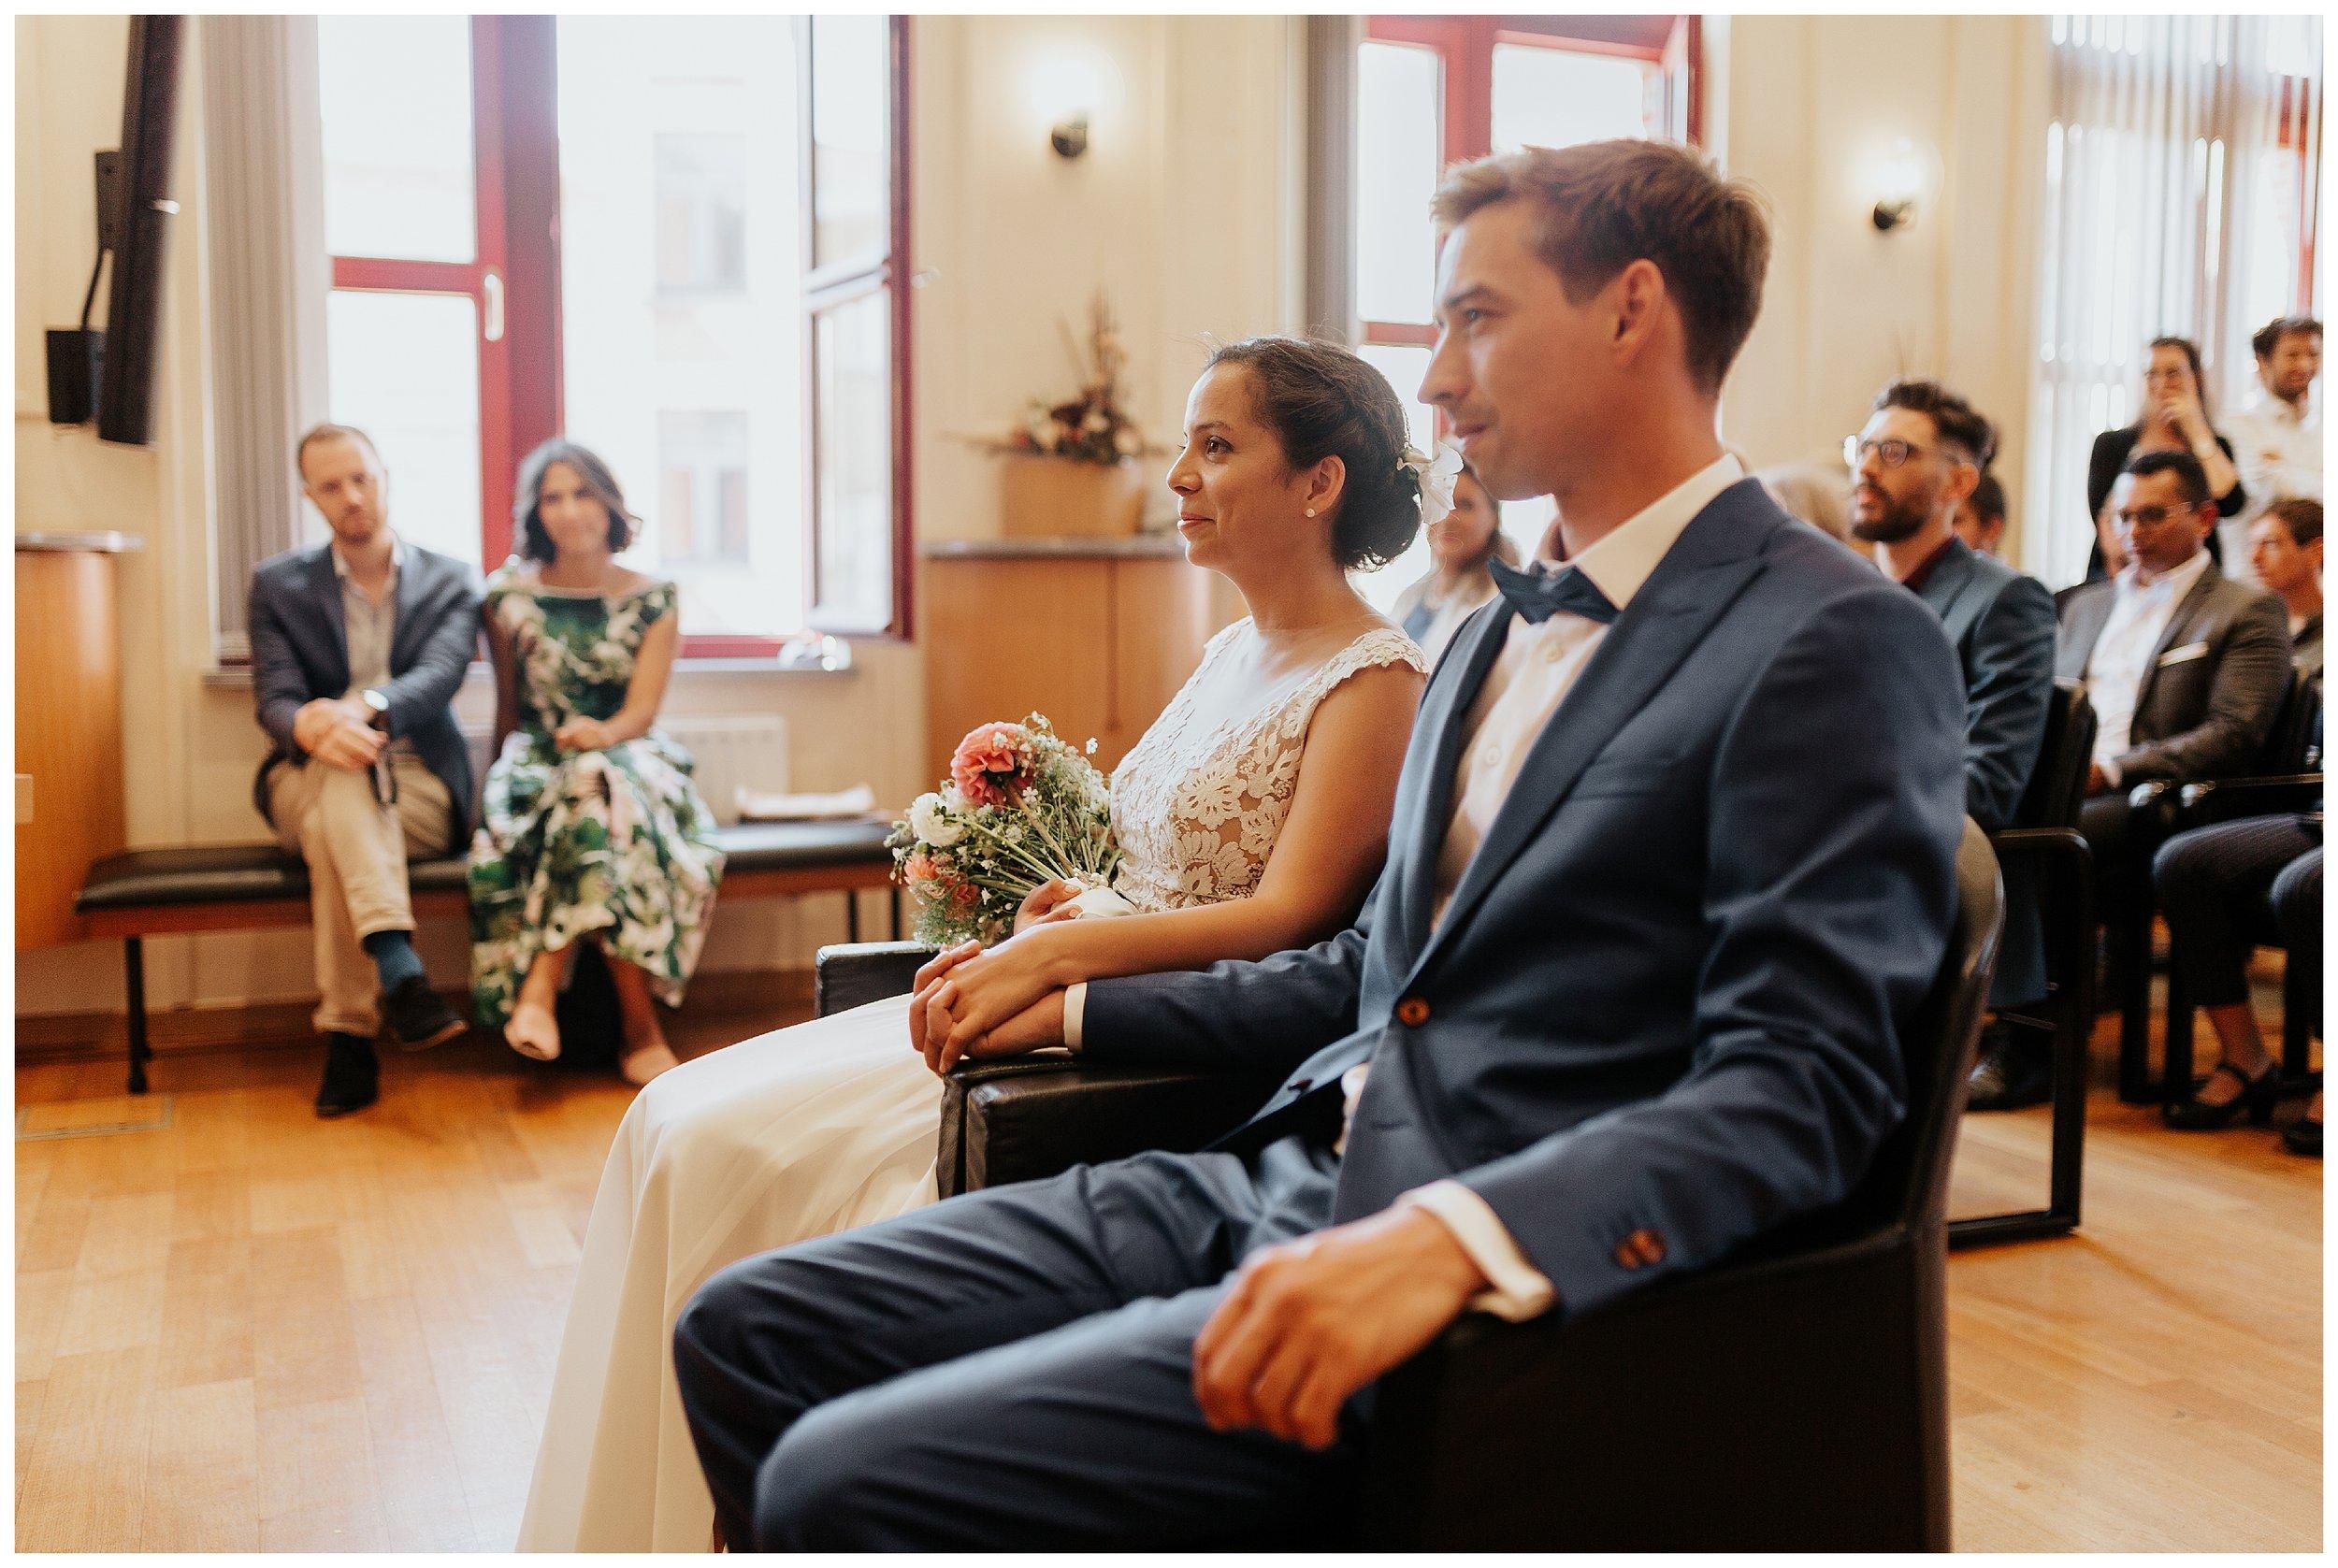 huwelijksfotograaf-huwelijksfotografie-knokke-heist-lisa-helsen-photography-trouwfotograaf-trouwfoto-sabine-pieter_0004.jpg